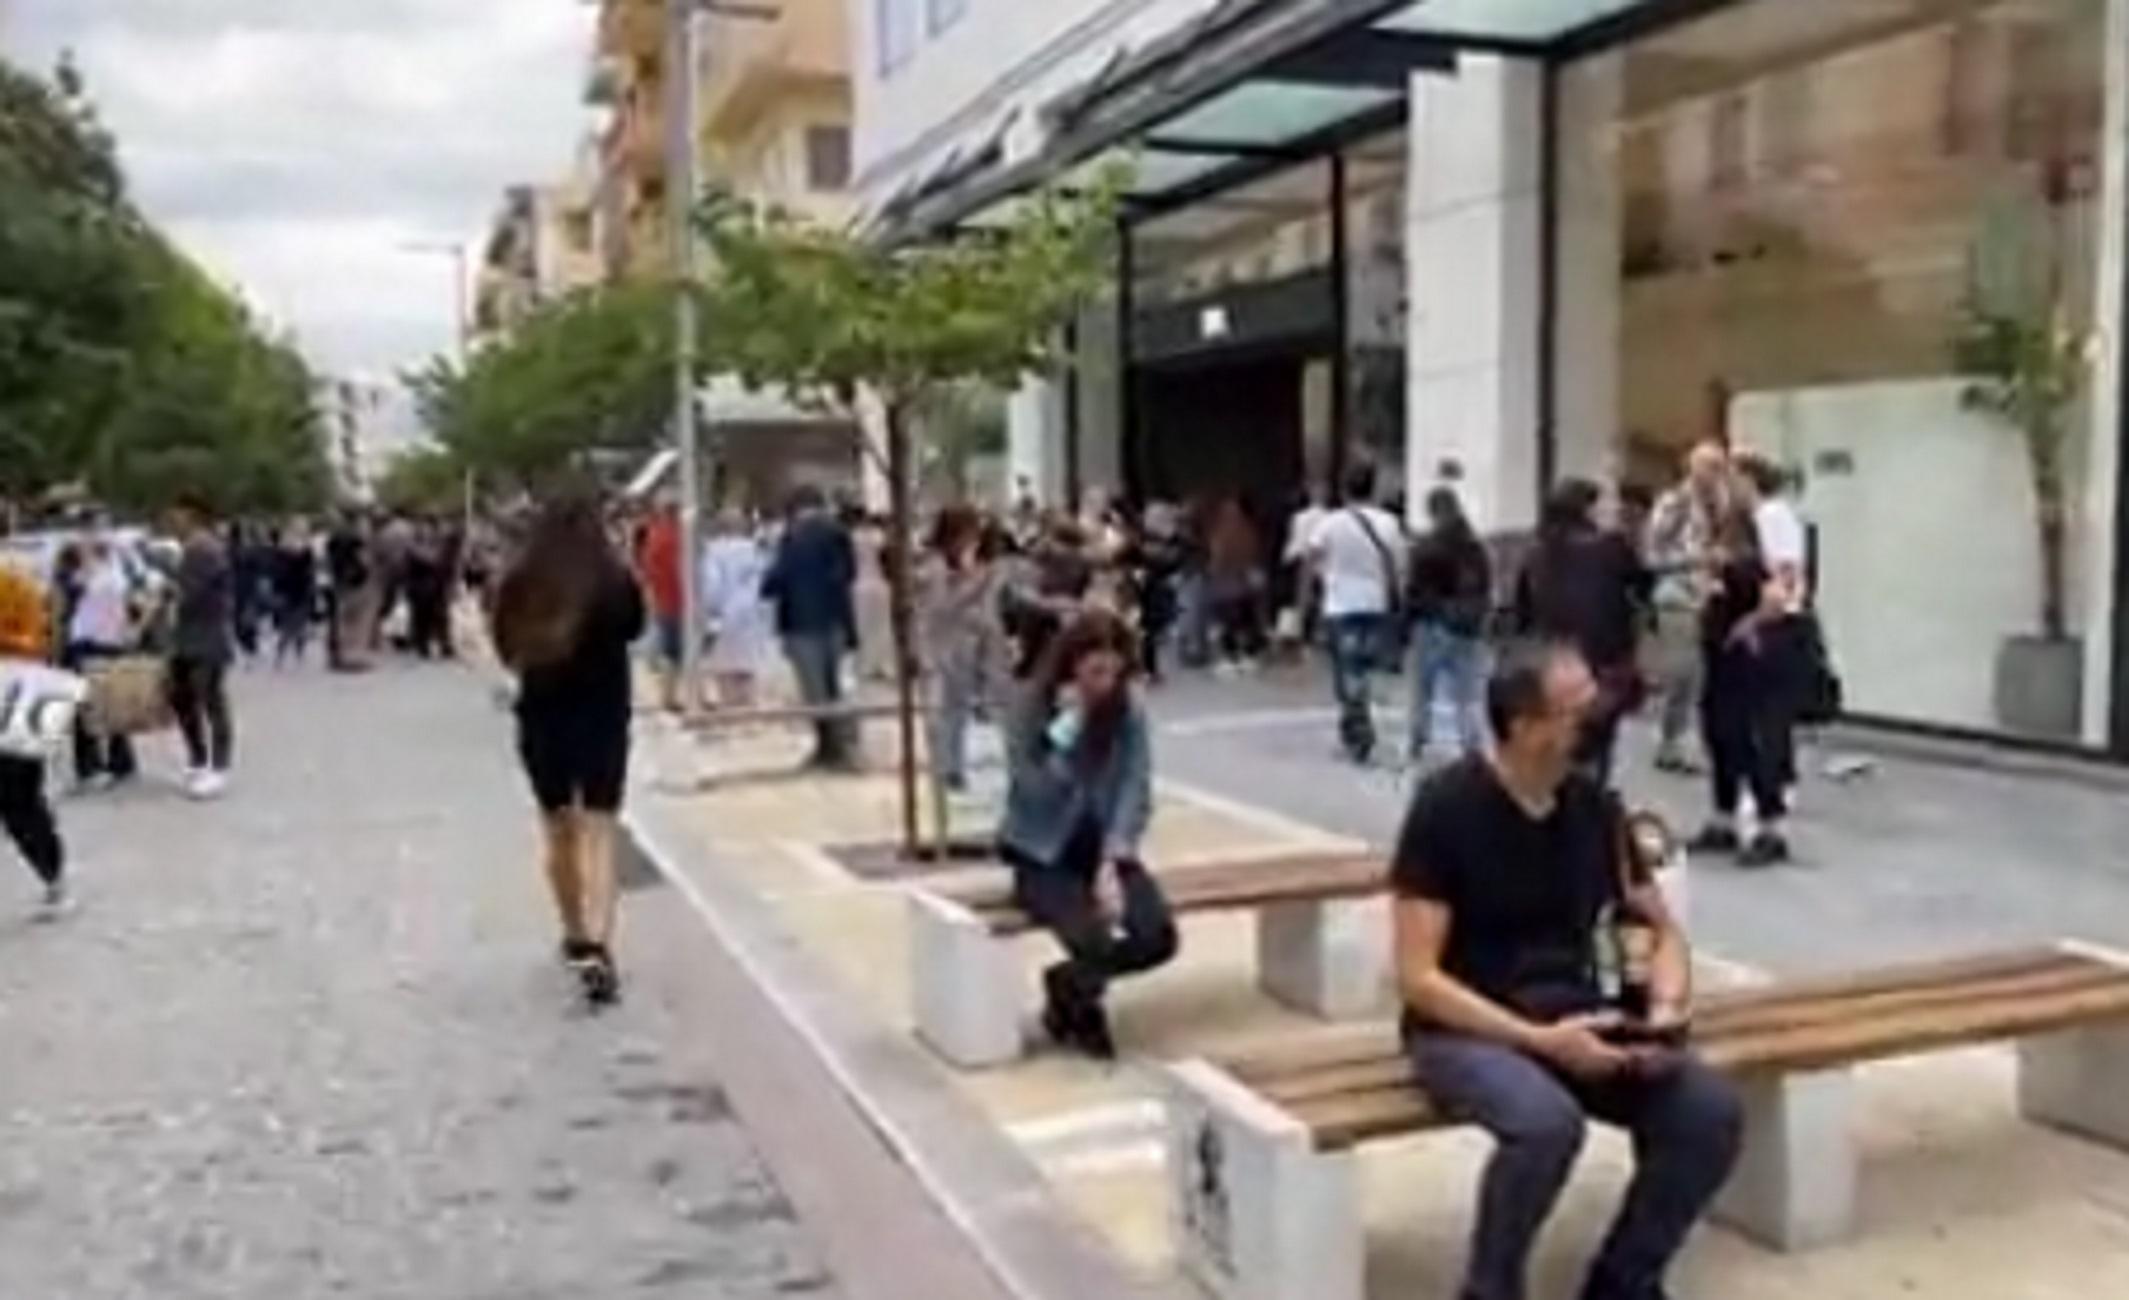 Σεισμός 6,3 Ρίχτερ στην Κρήτη: Η στιγμή που ο κόσμος στο Ηράκλειο βγαίνει στους δρόμους